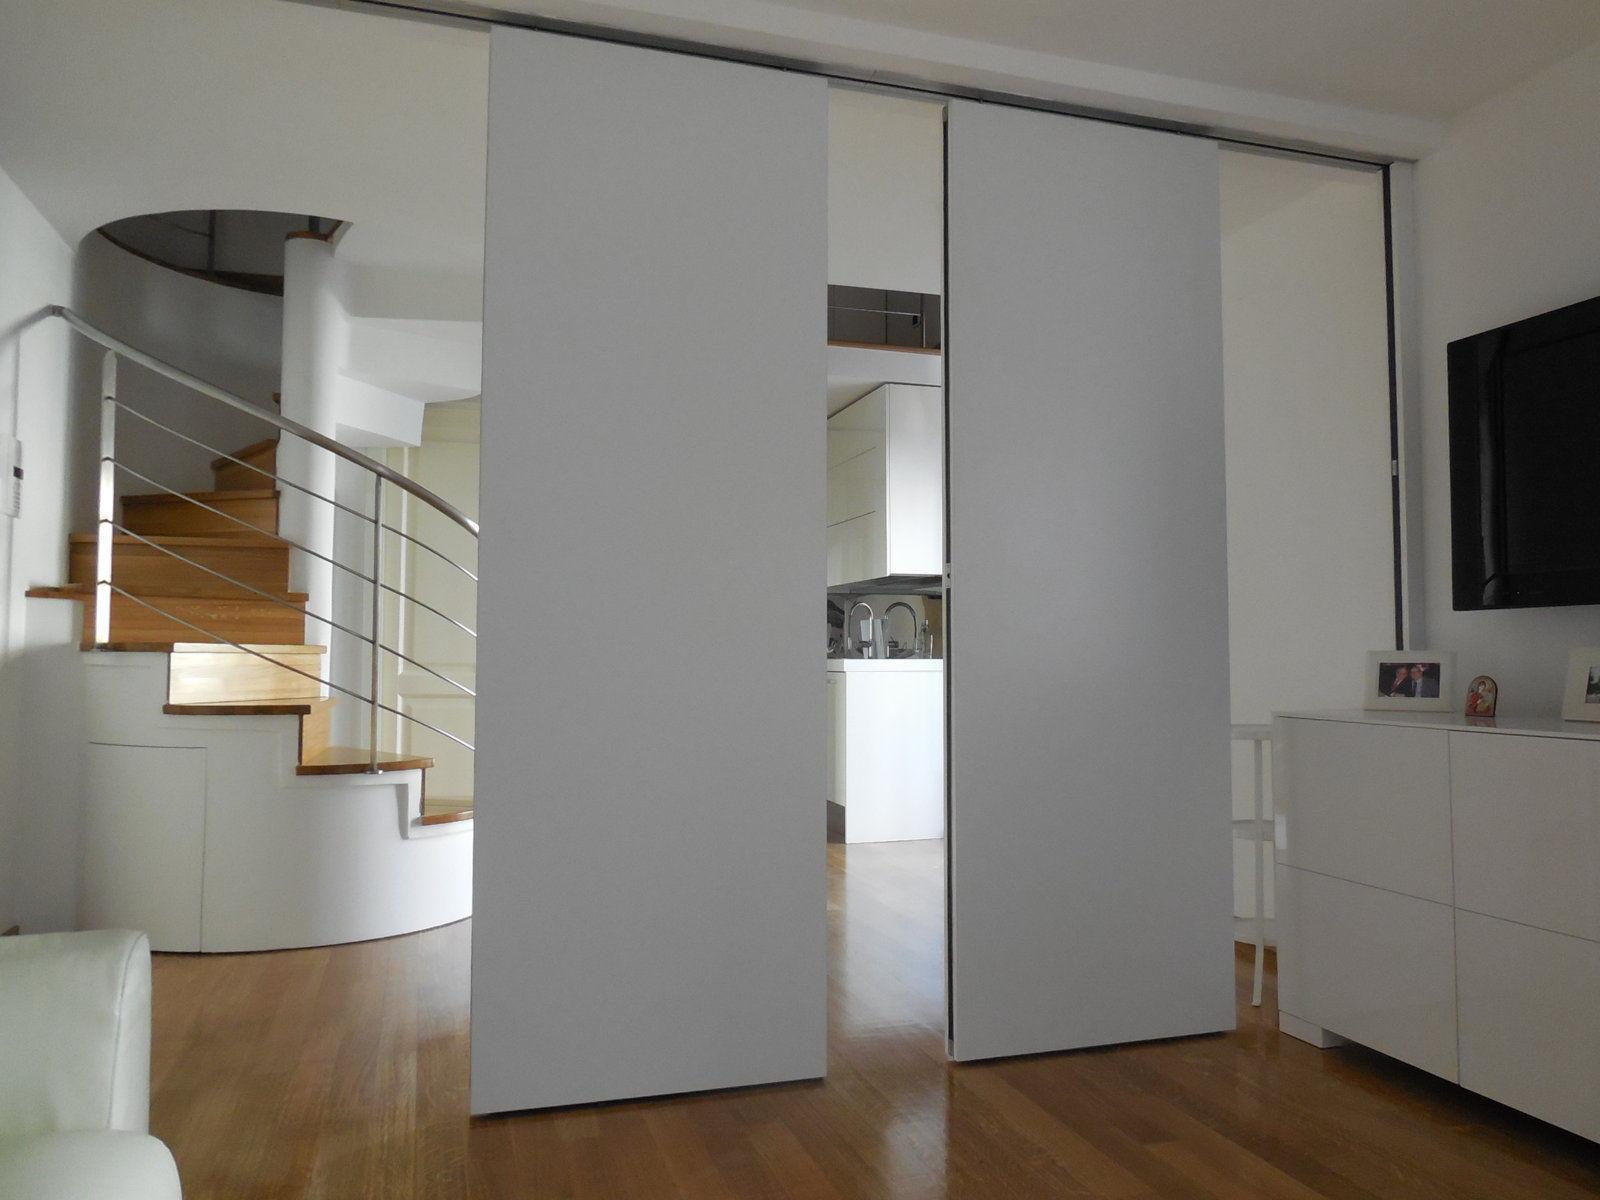 Trennwandsysteme Wohnbereich stapelbare schiebe trennwand laminat für privatgebrauch